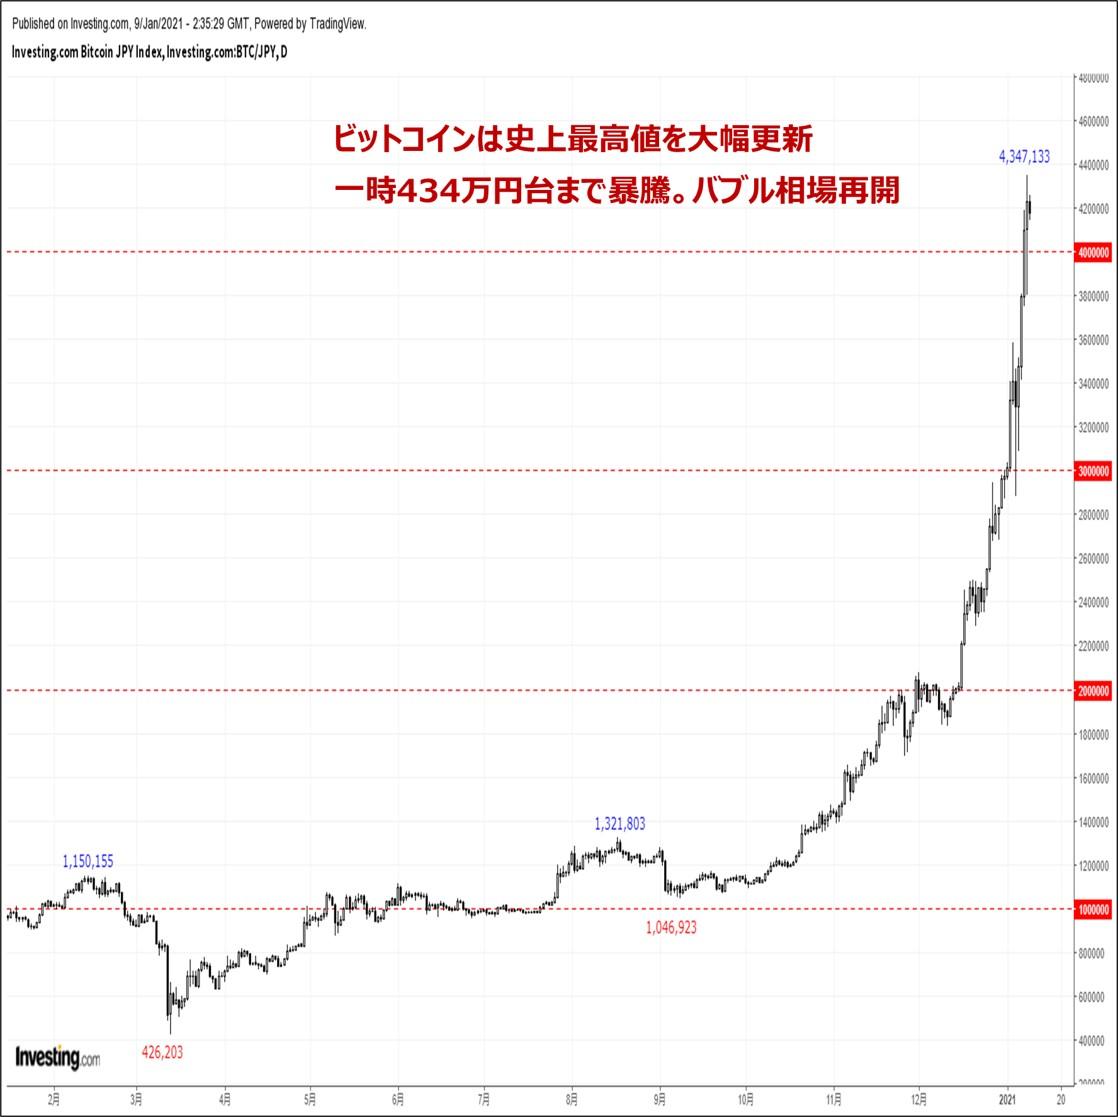 ビットコインの価格分析:『史上最高値を大幅更新。400万円の大台突破でバブル相場再来』